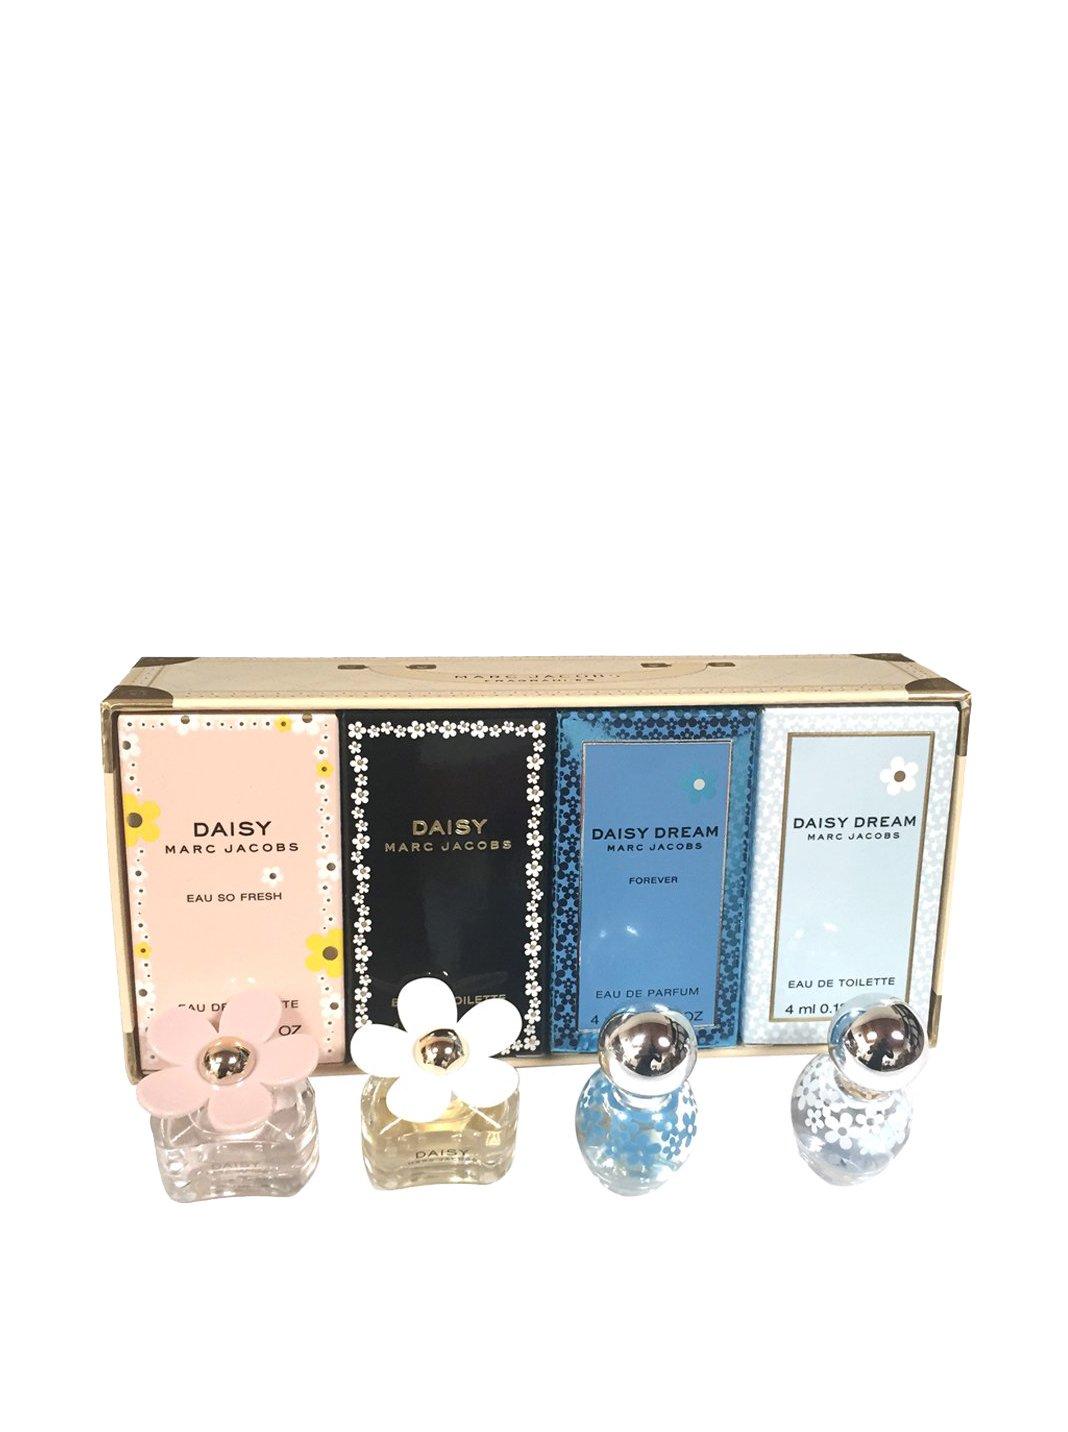 MARC JACOBS 4 Piece Daisy Perfume Mini Set, 1 Fluid Ounce